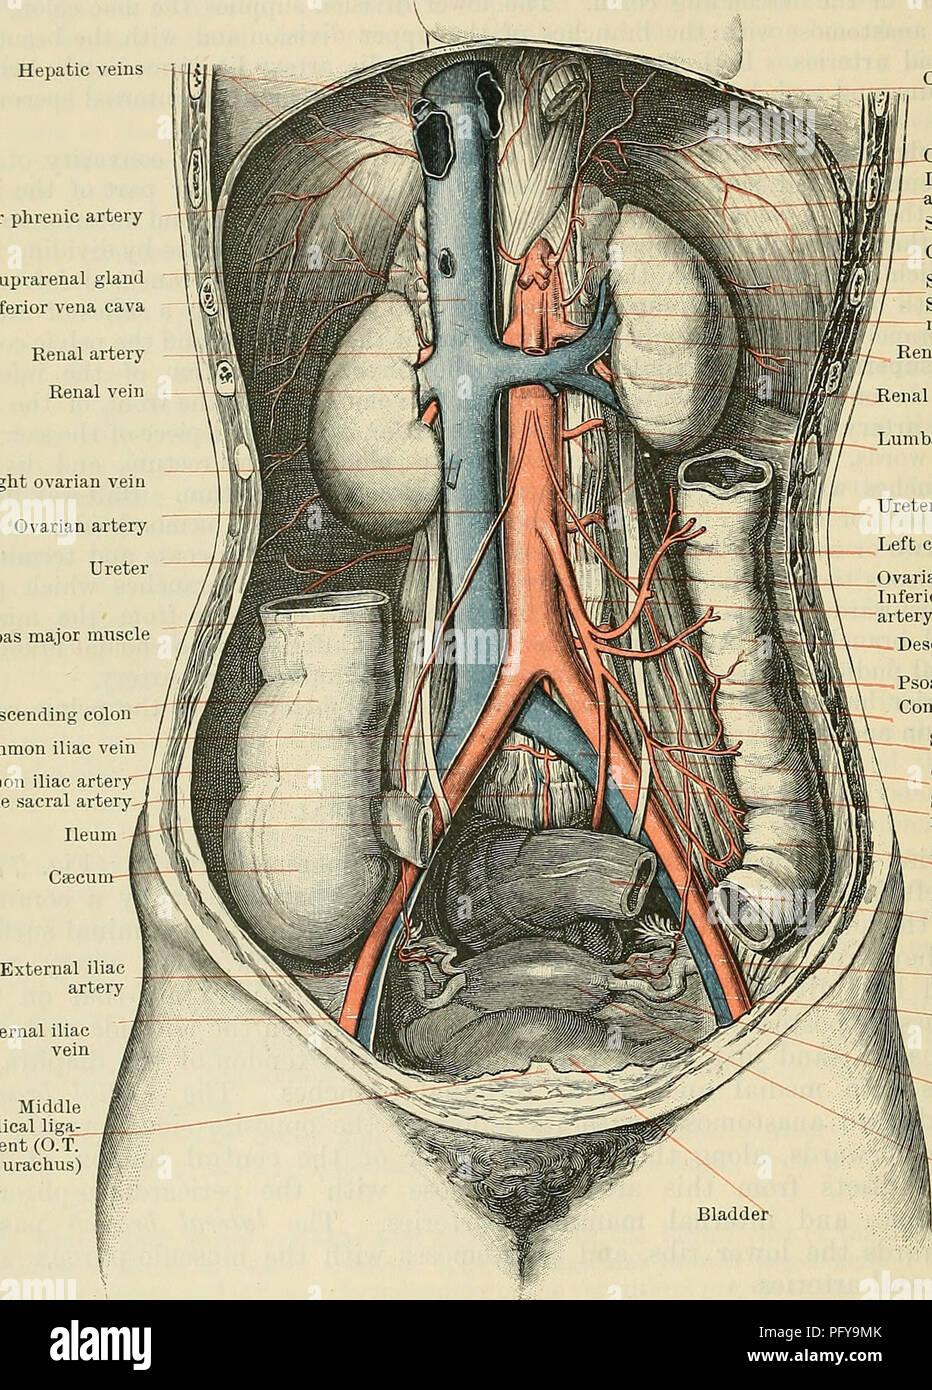 Cunninghams Lehrbuch der Anatomie. Anatomie. 934 Die VASCULAB SYSTEM ...